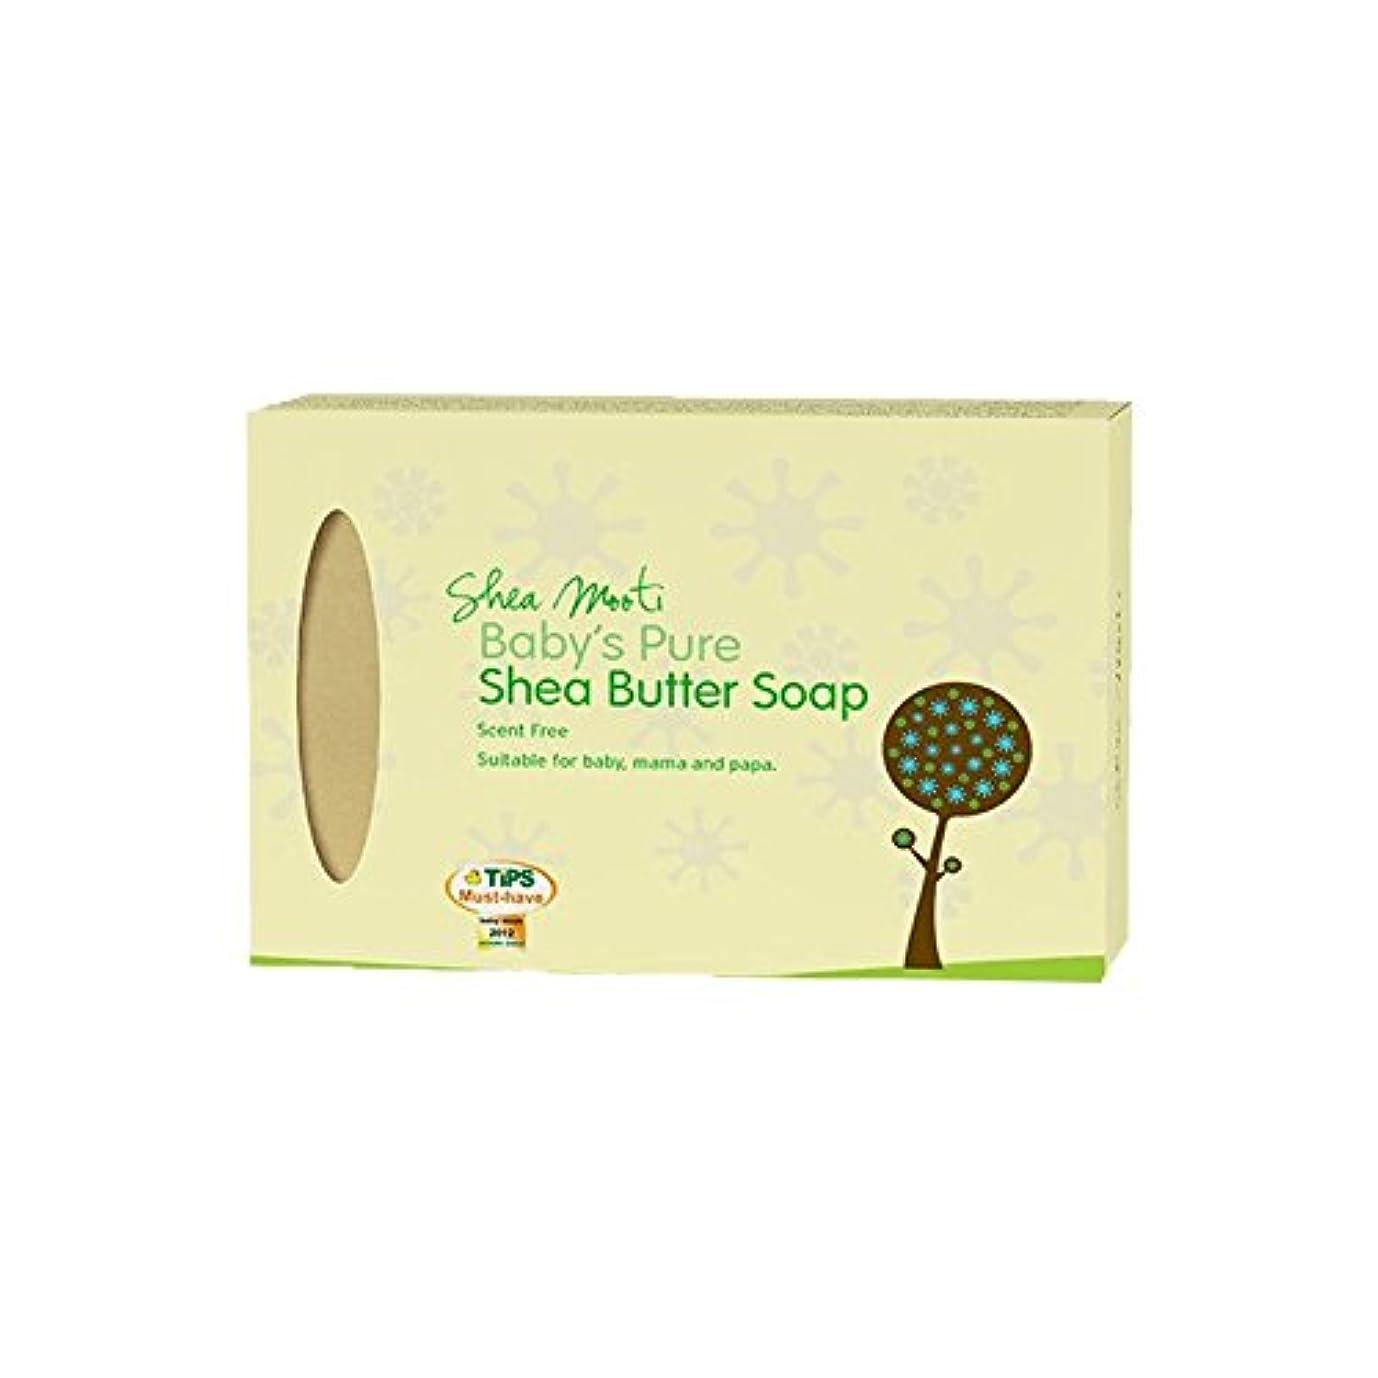 教授メナジェリーやがてShea Mooti Baby's Pure Shea Butter Soap Unscented 250ml (Pack of 6) - シアバターMooti赤ちゃんの純粋なシアバターソープ無香250ミリリットル (x6...